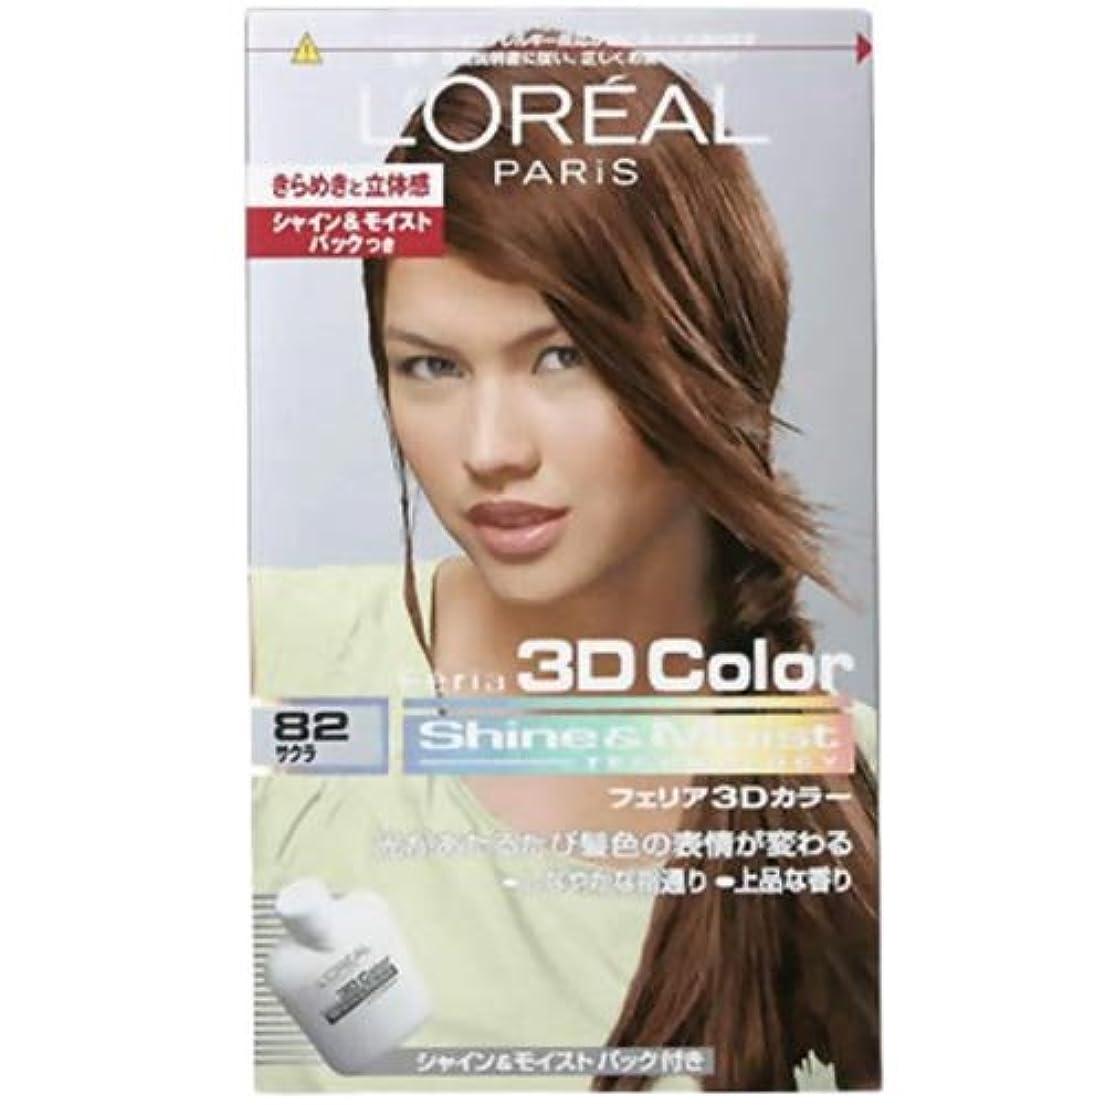 オンス癌キャリア日本ロレアル フェリア3Dカラー シャイン&モイストテクロノジー#82 サクラ